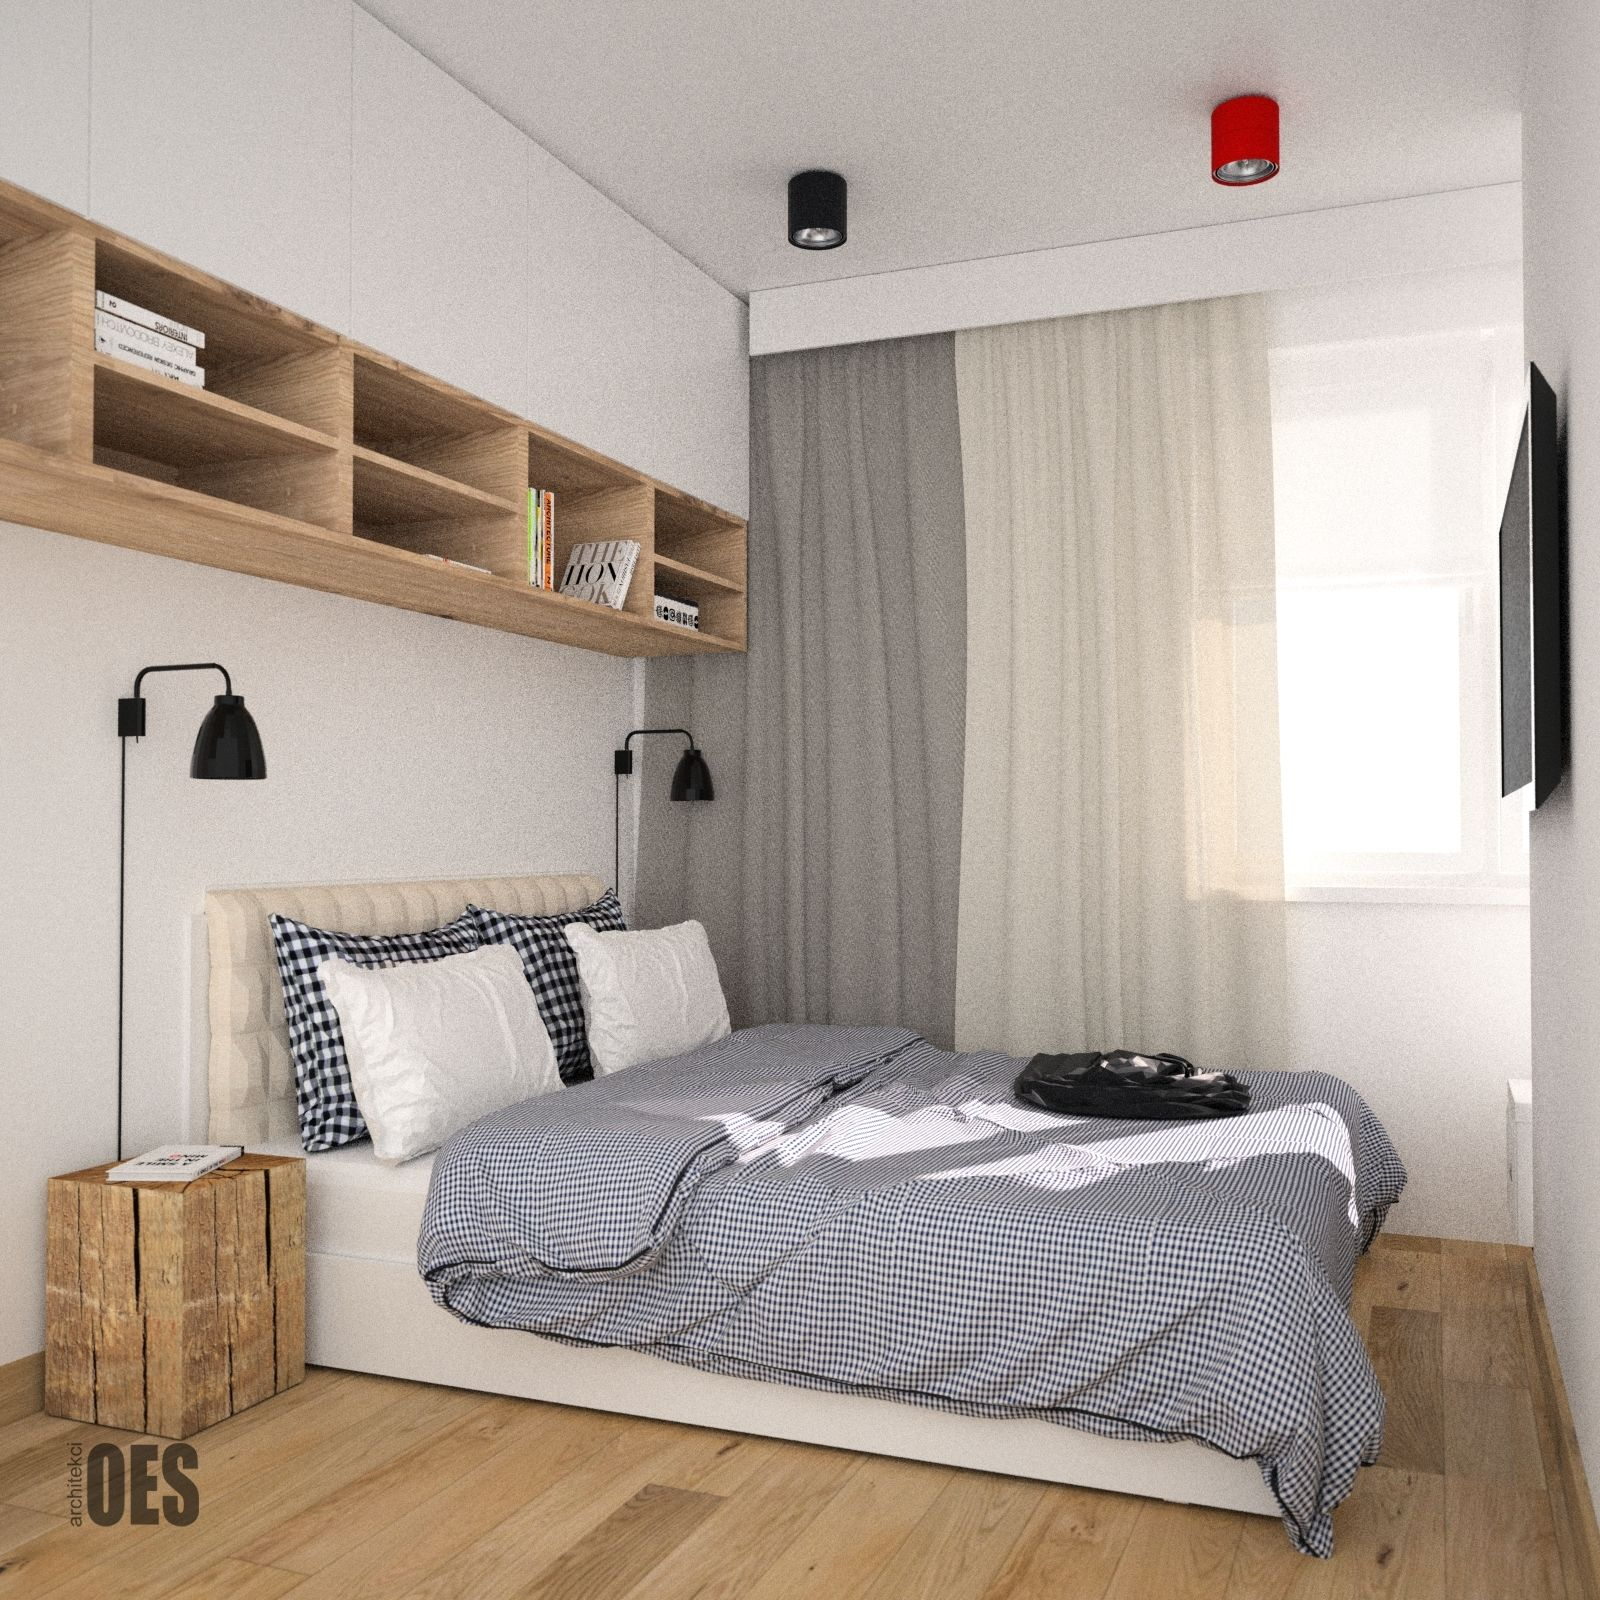 D Interiors Mała Sypialnia: #małasypialnia Nowoczesna Sypialnia, Biel, Drewno W